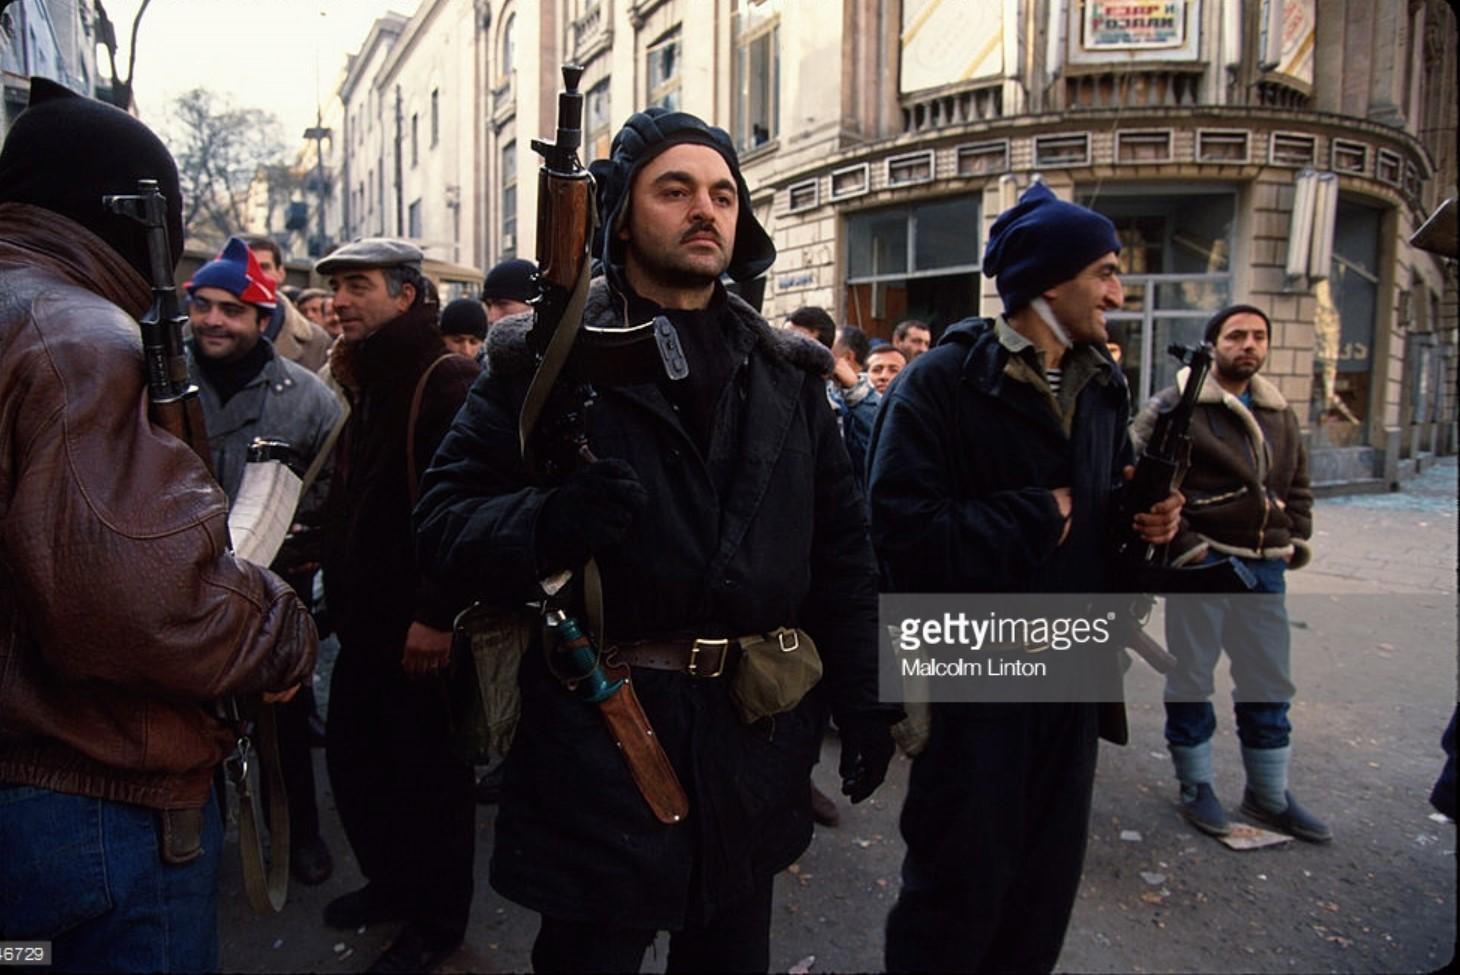 1991. 27 декабря. Тбилиси. Бойцы оппозиции на городской улиц